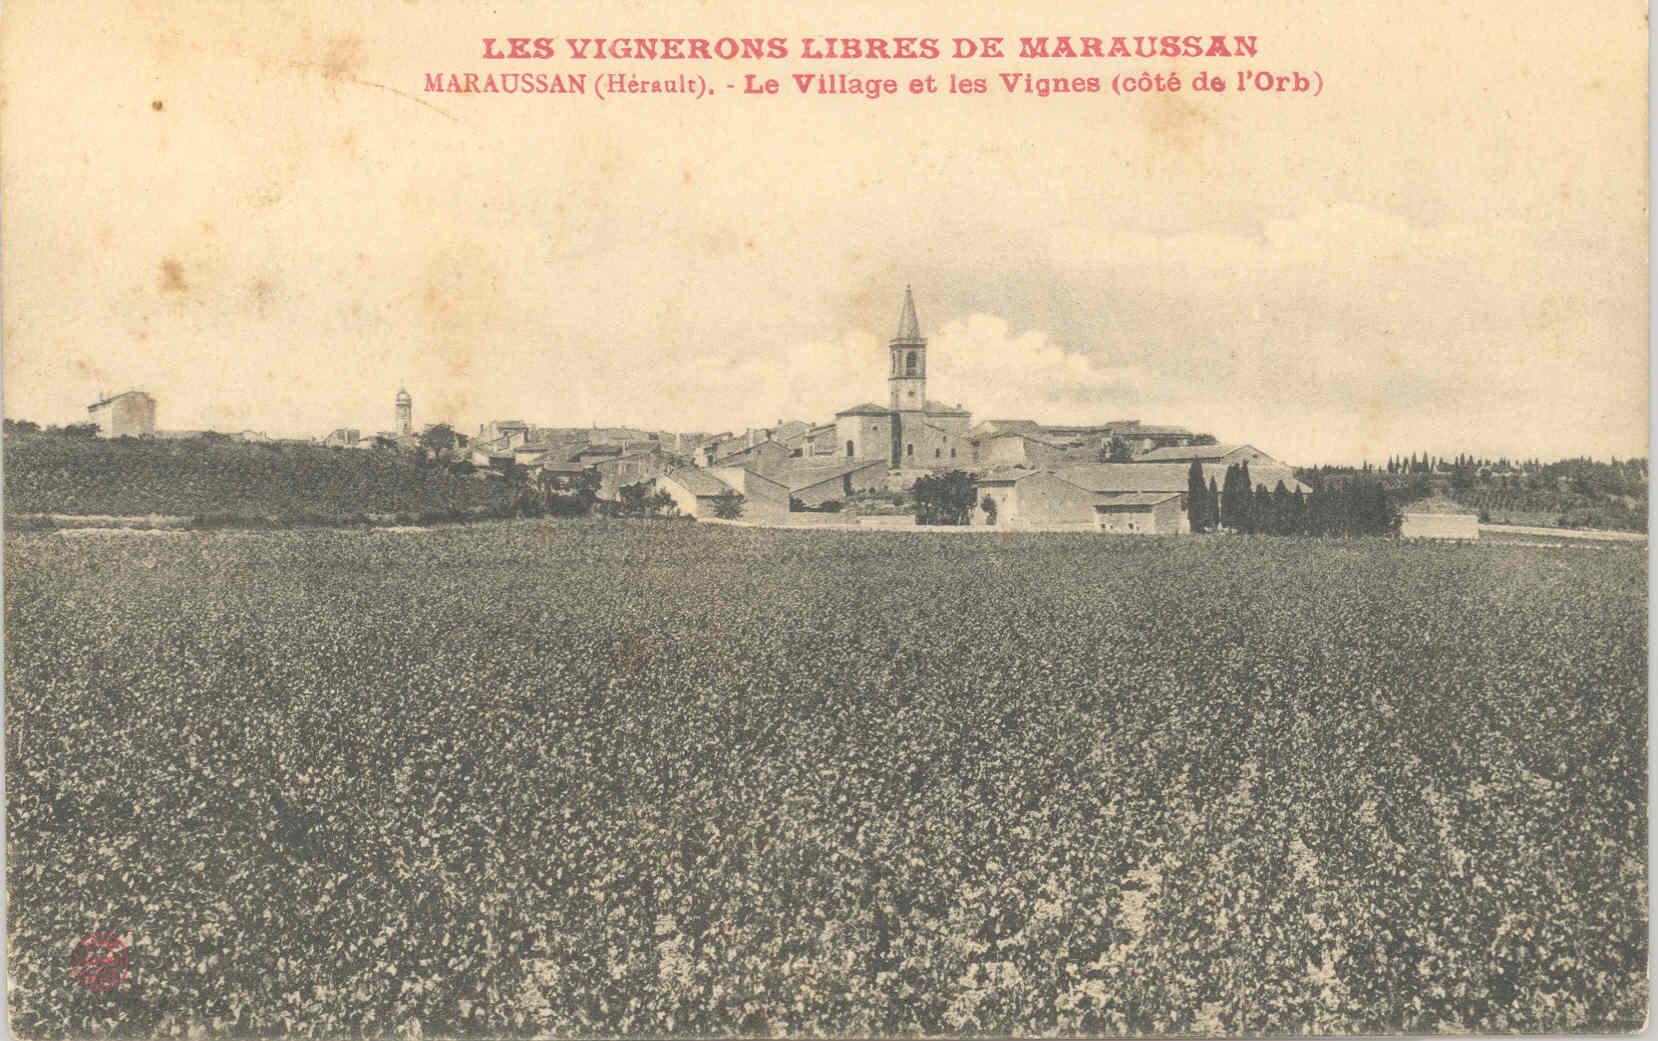 Carte postale ancienne de Maraussan:  le village et les vignes en 1905- Les vignerons libres.